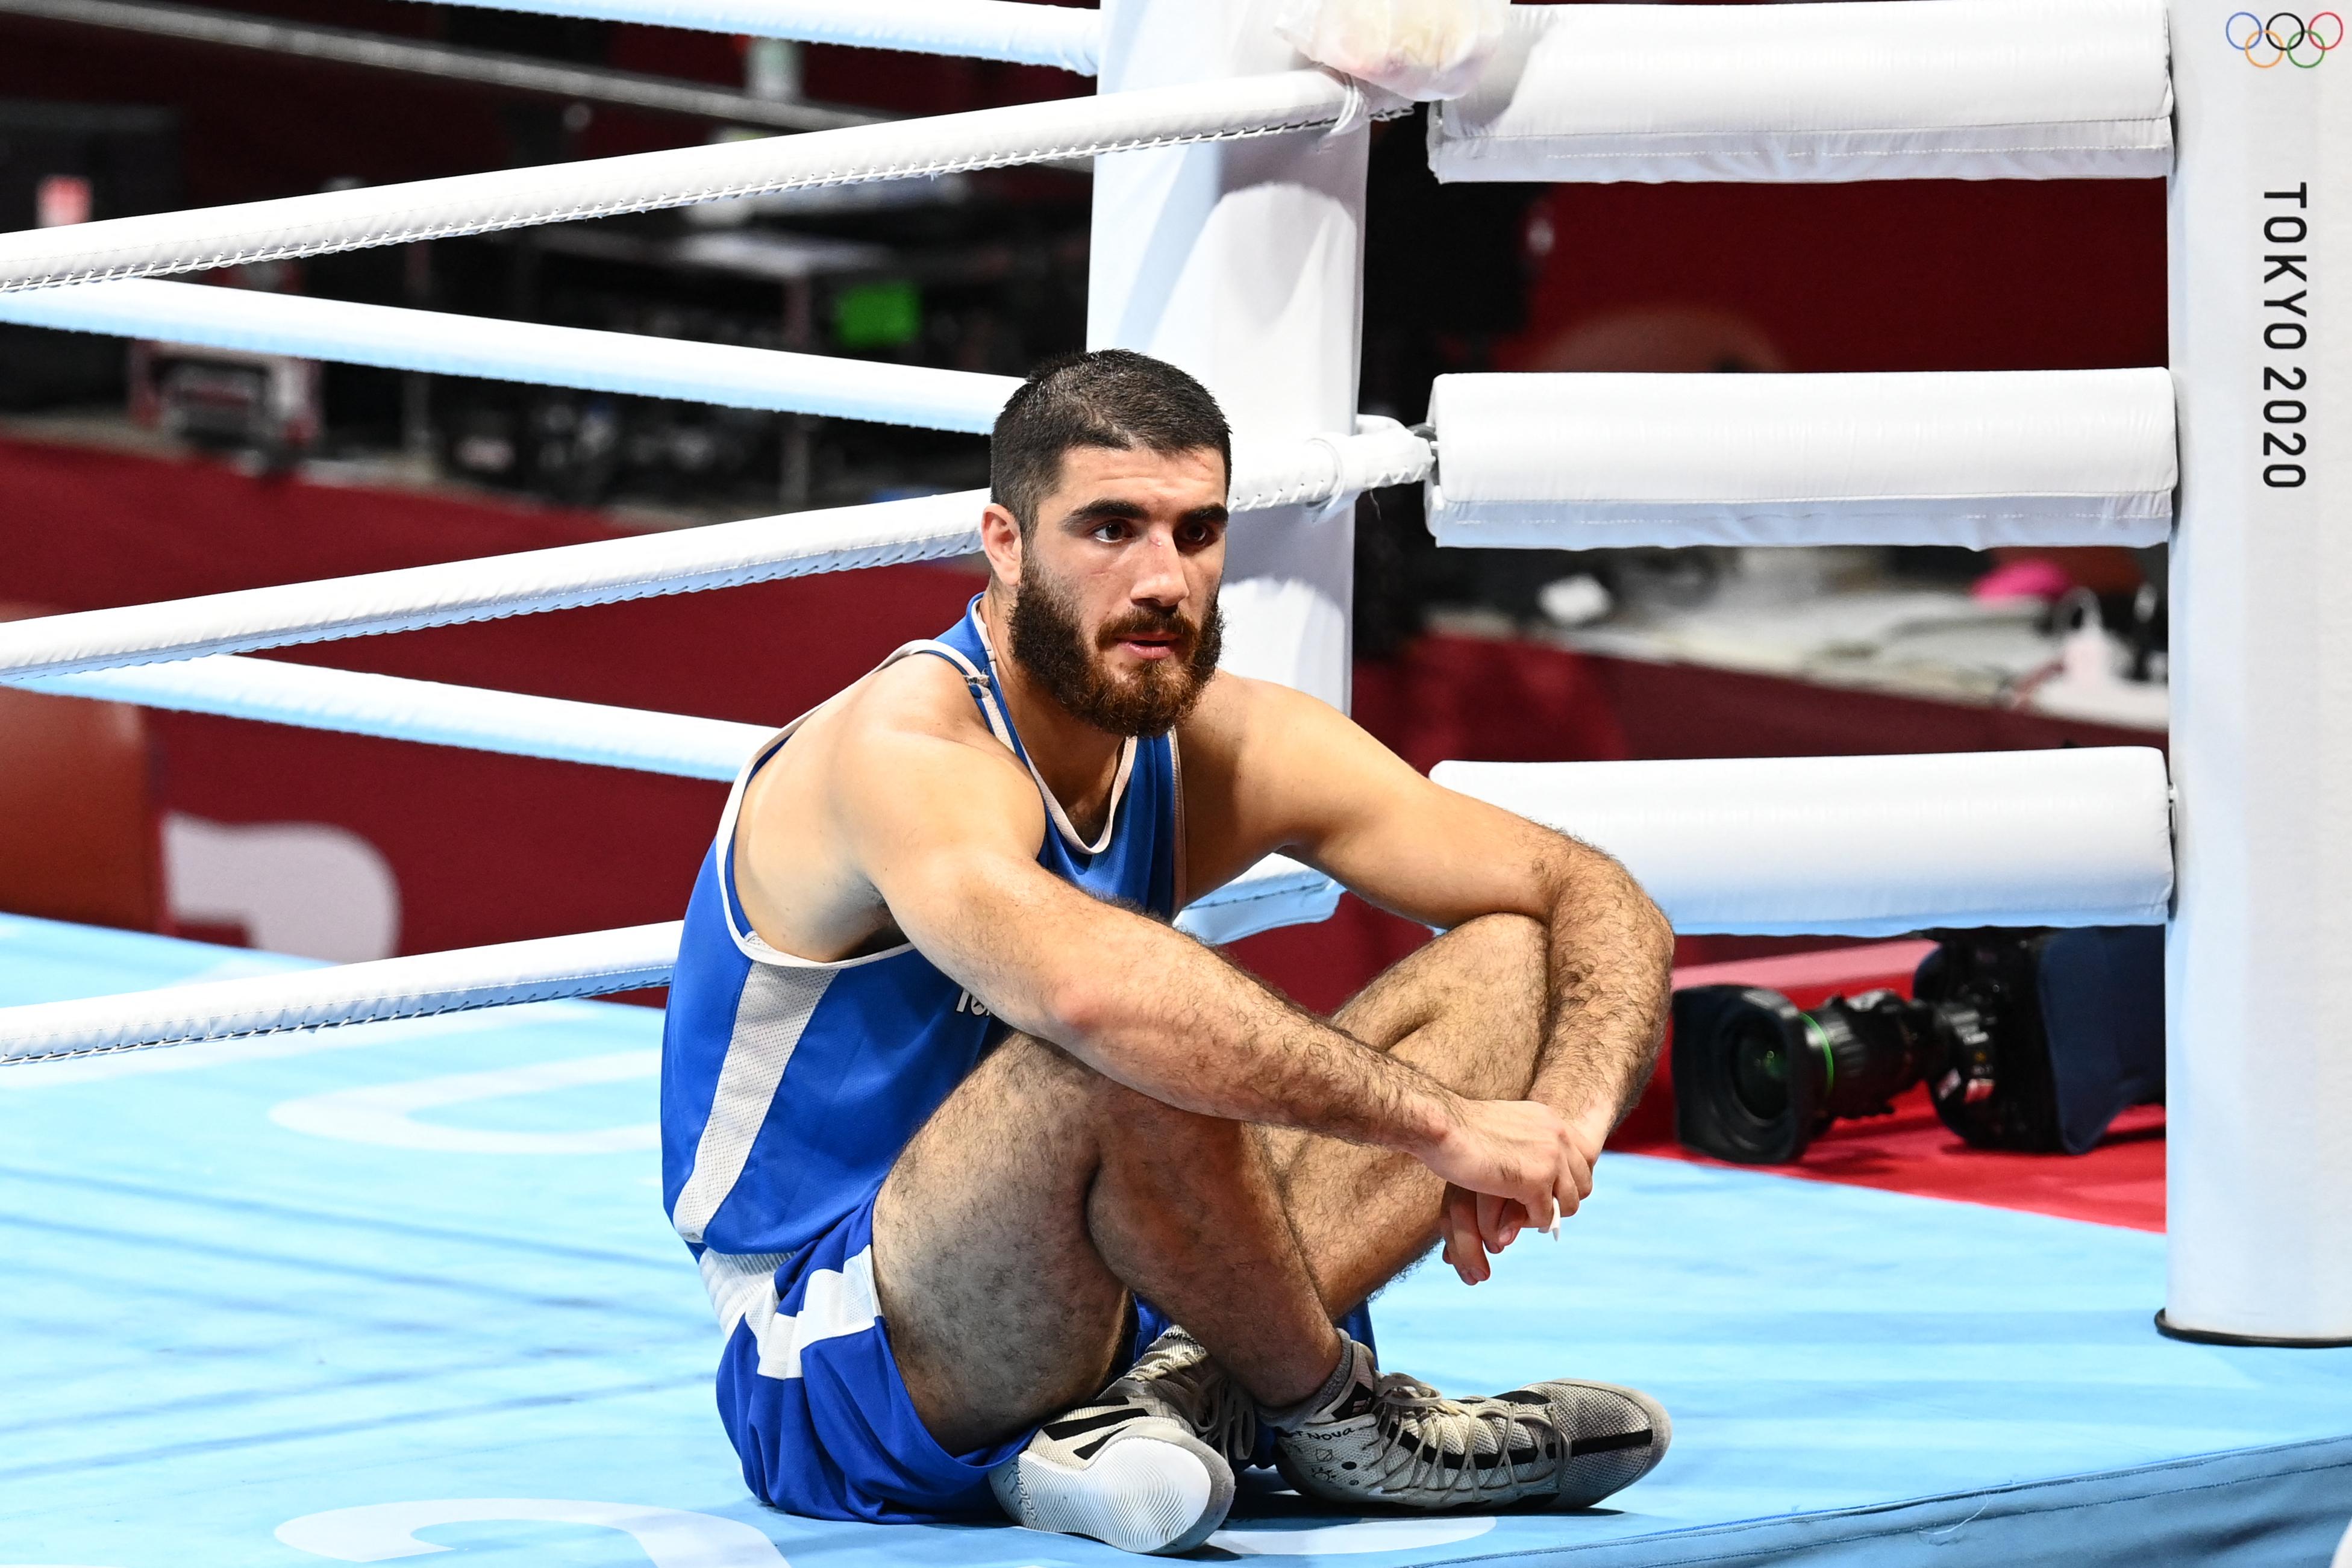 Ülősztrájkkal akarta visszahozni a meccset a francia bokszoló, de ki kellett mennie a vécére